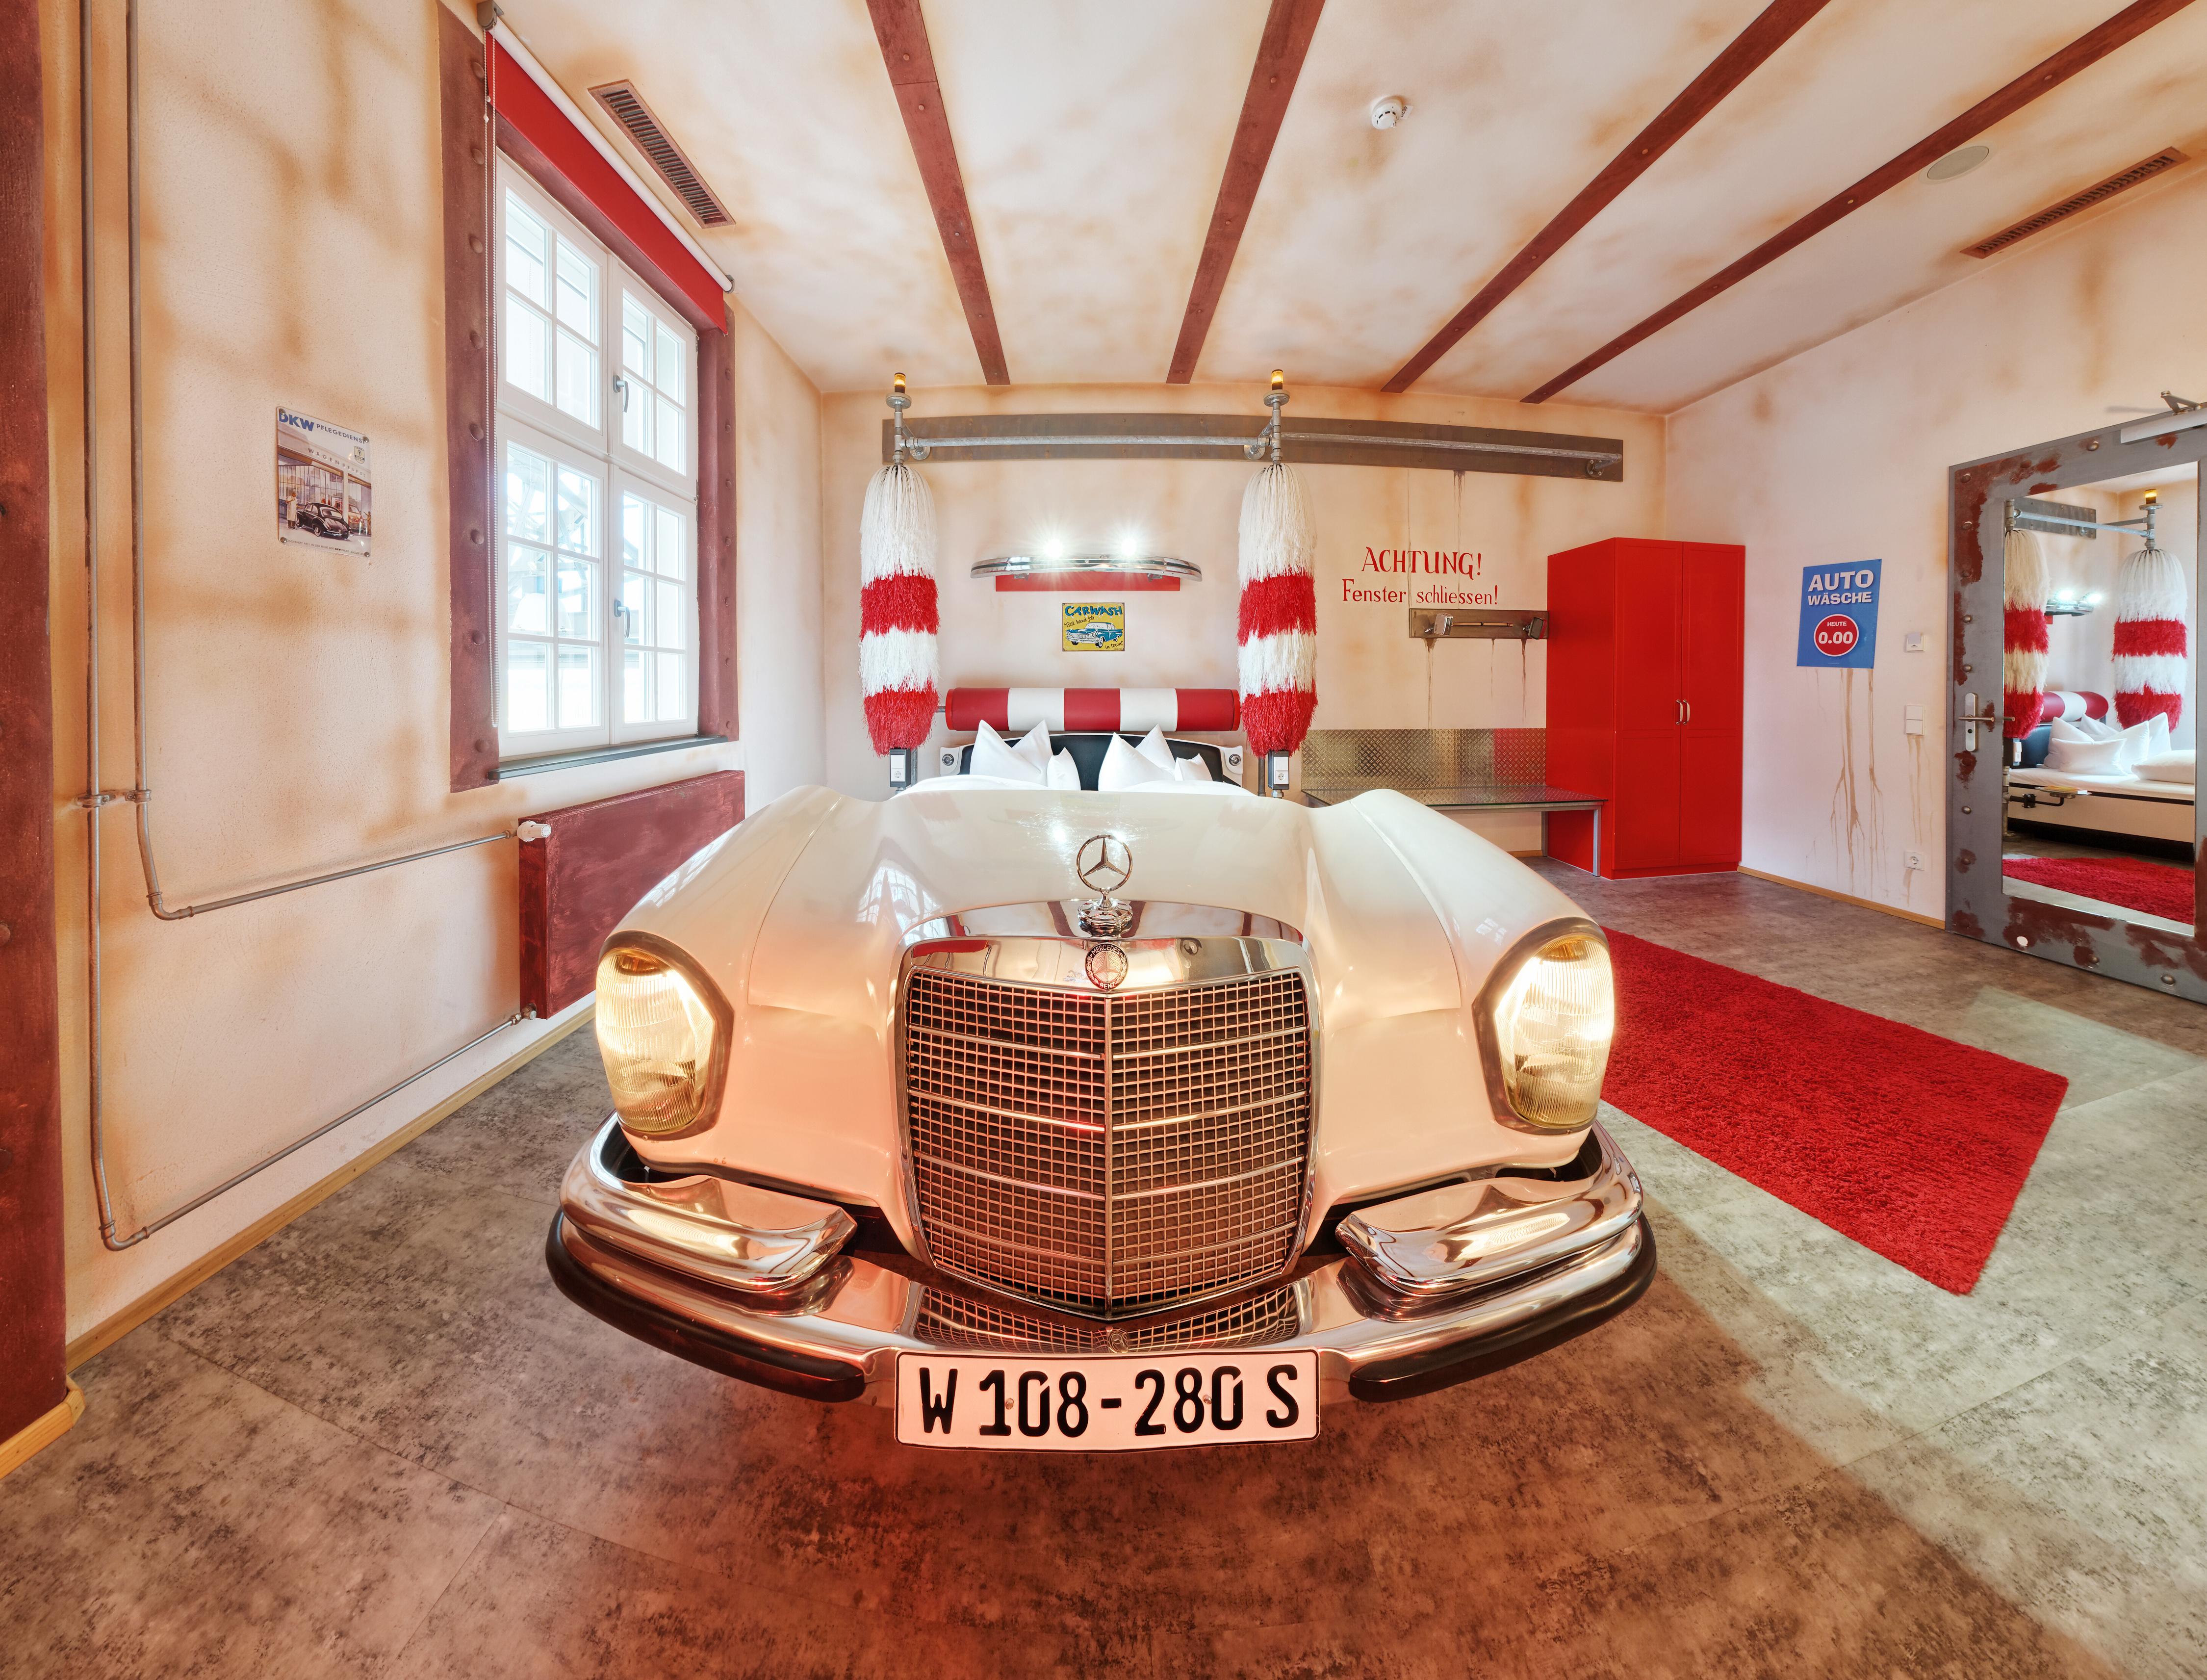 V8Hotel - Themenzimmer Waschanlage, CarWash. Die automobilen Themenzimmer unseres vier Sterne Themen-und Designhotels in der Motorworld Region Stuttgart sind einzigartig, jedes mit eigenem Charakter und liebevoller Ausstattung. Der Wellnessbereich, verschiedene Gastronomieangebote und Veranstaltungsräume ergänzen das Angebot.